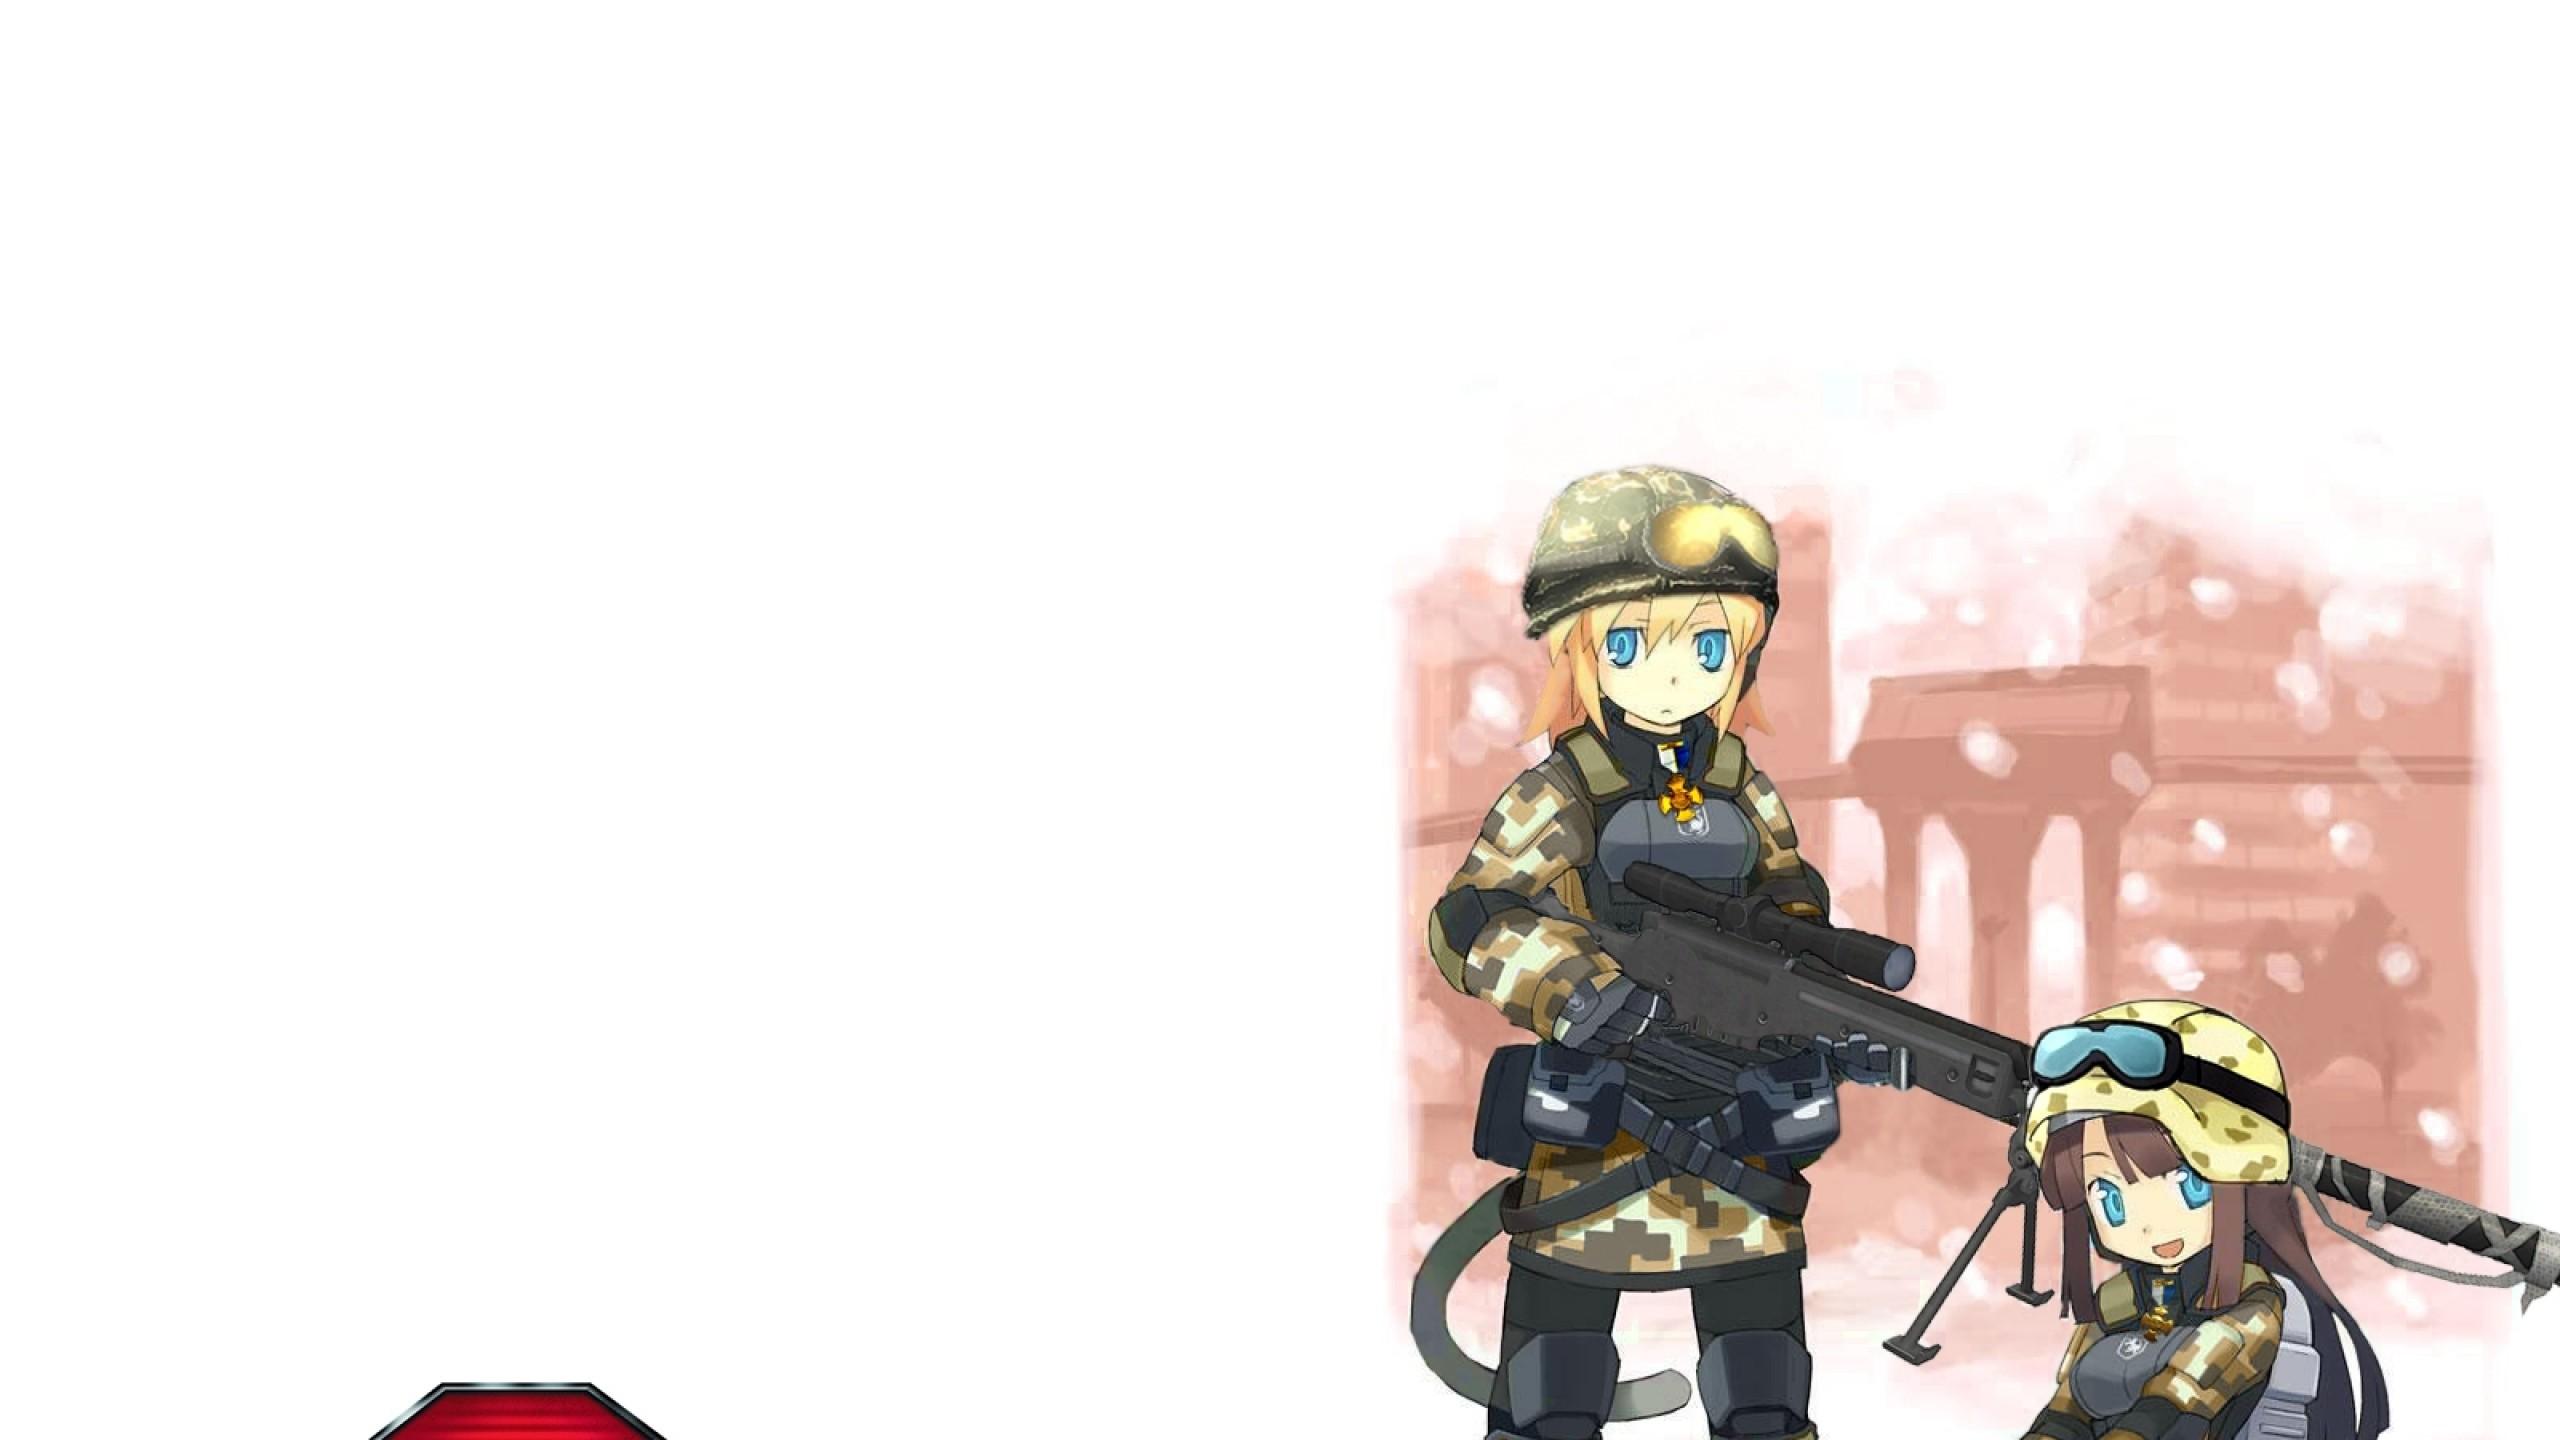 Wallpaper battlefield 2, anime, girls, balls, gun